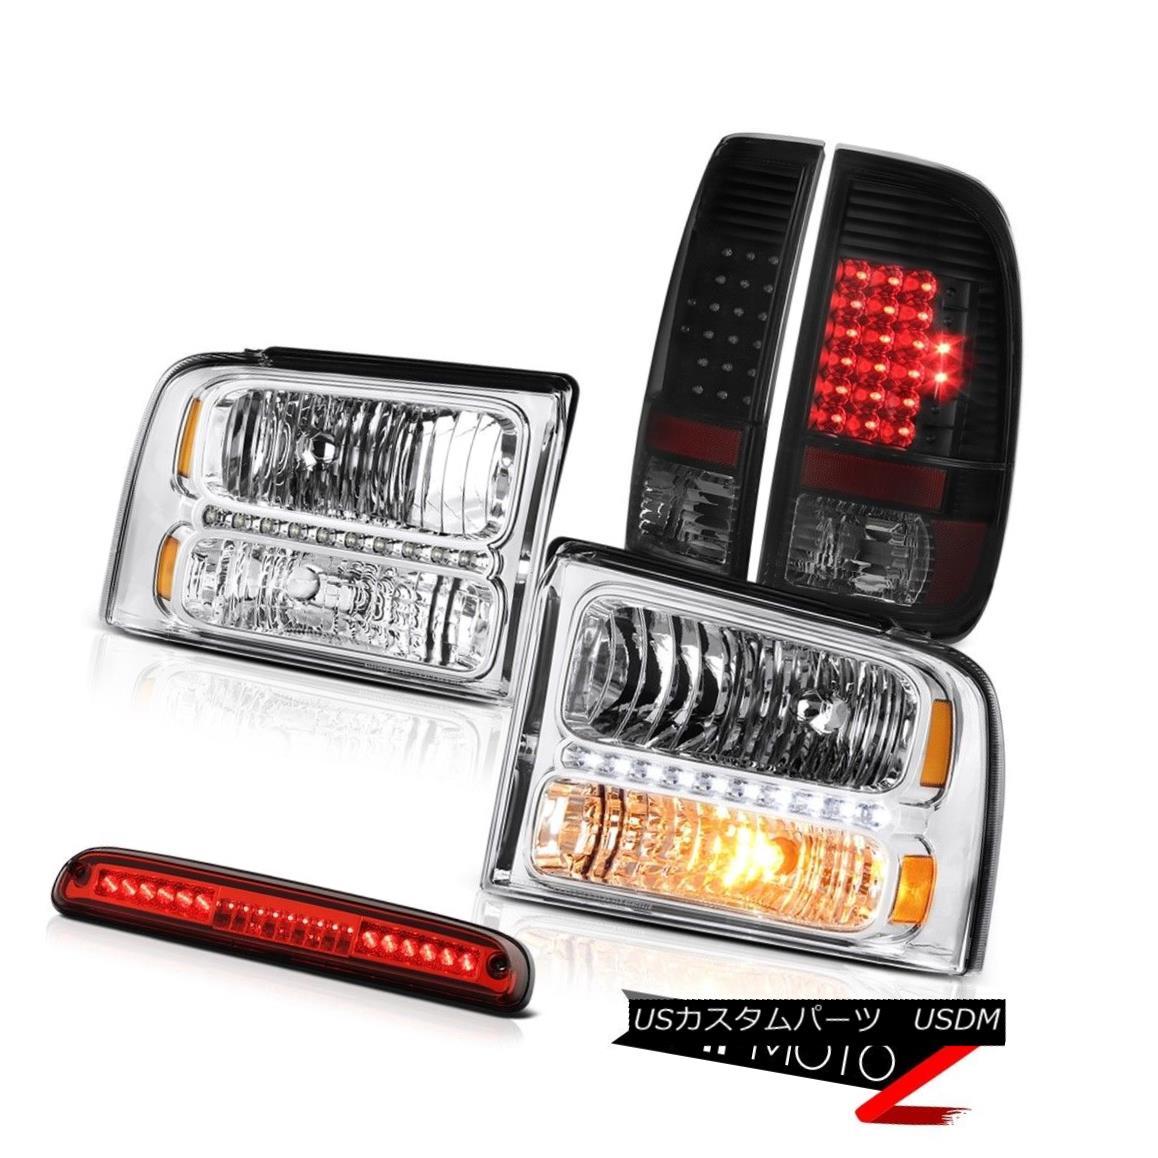 テールライト 05 06 07 F250 5.4L Pair New Headlights Smoke Black LED TailLights Roof Stop Red 05 06 07 F250 5.4Lペア新しいヘッドライトスモークブラックLEDテールライトルーフストップレッド